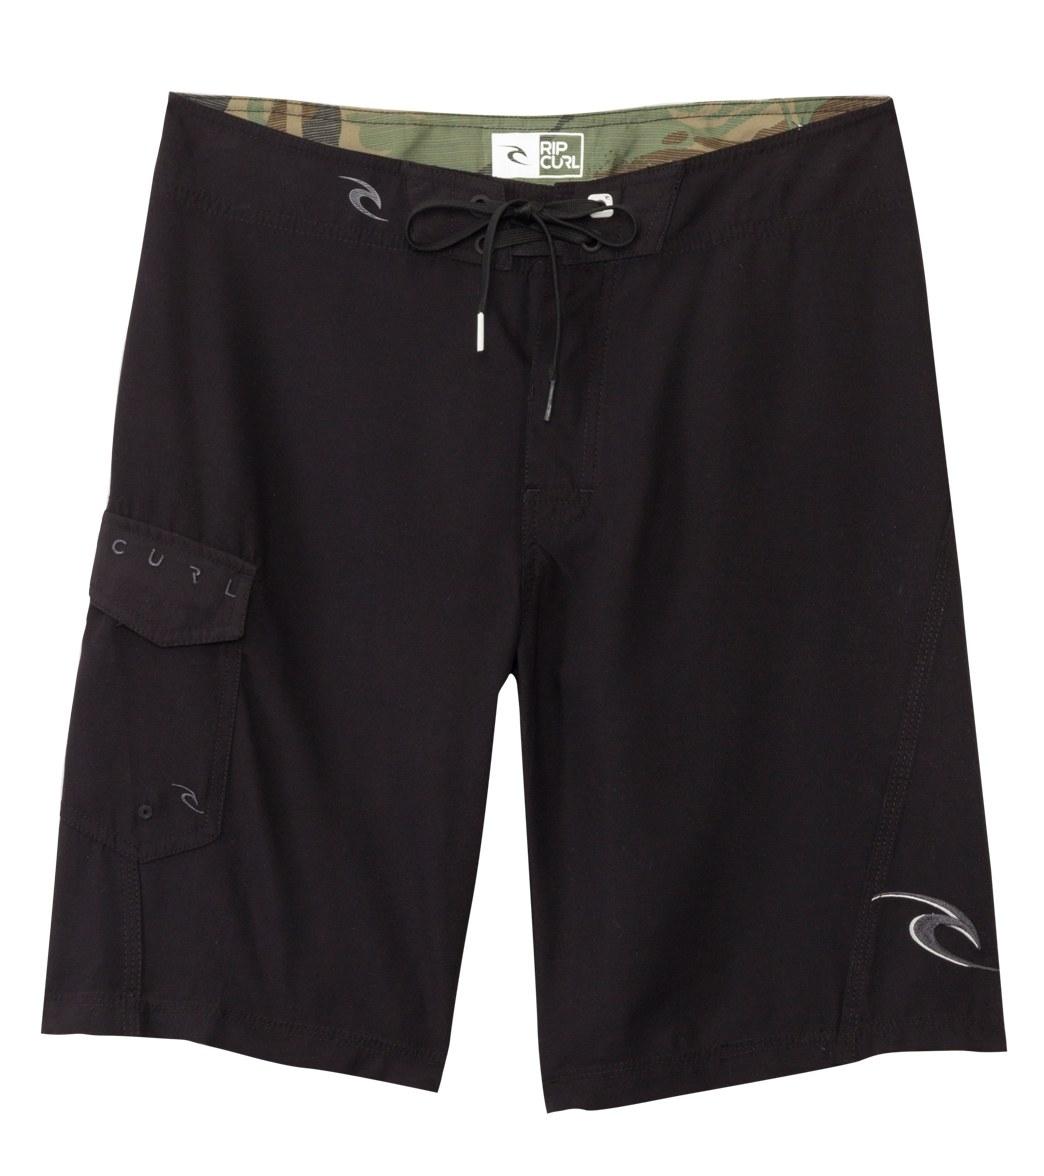 a3d4ff45dc Rip Curl Men's Dawn Patrol Boardshorts at SwimOutlet.com